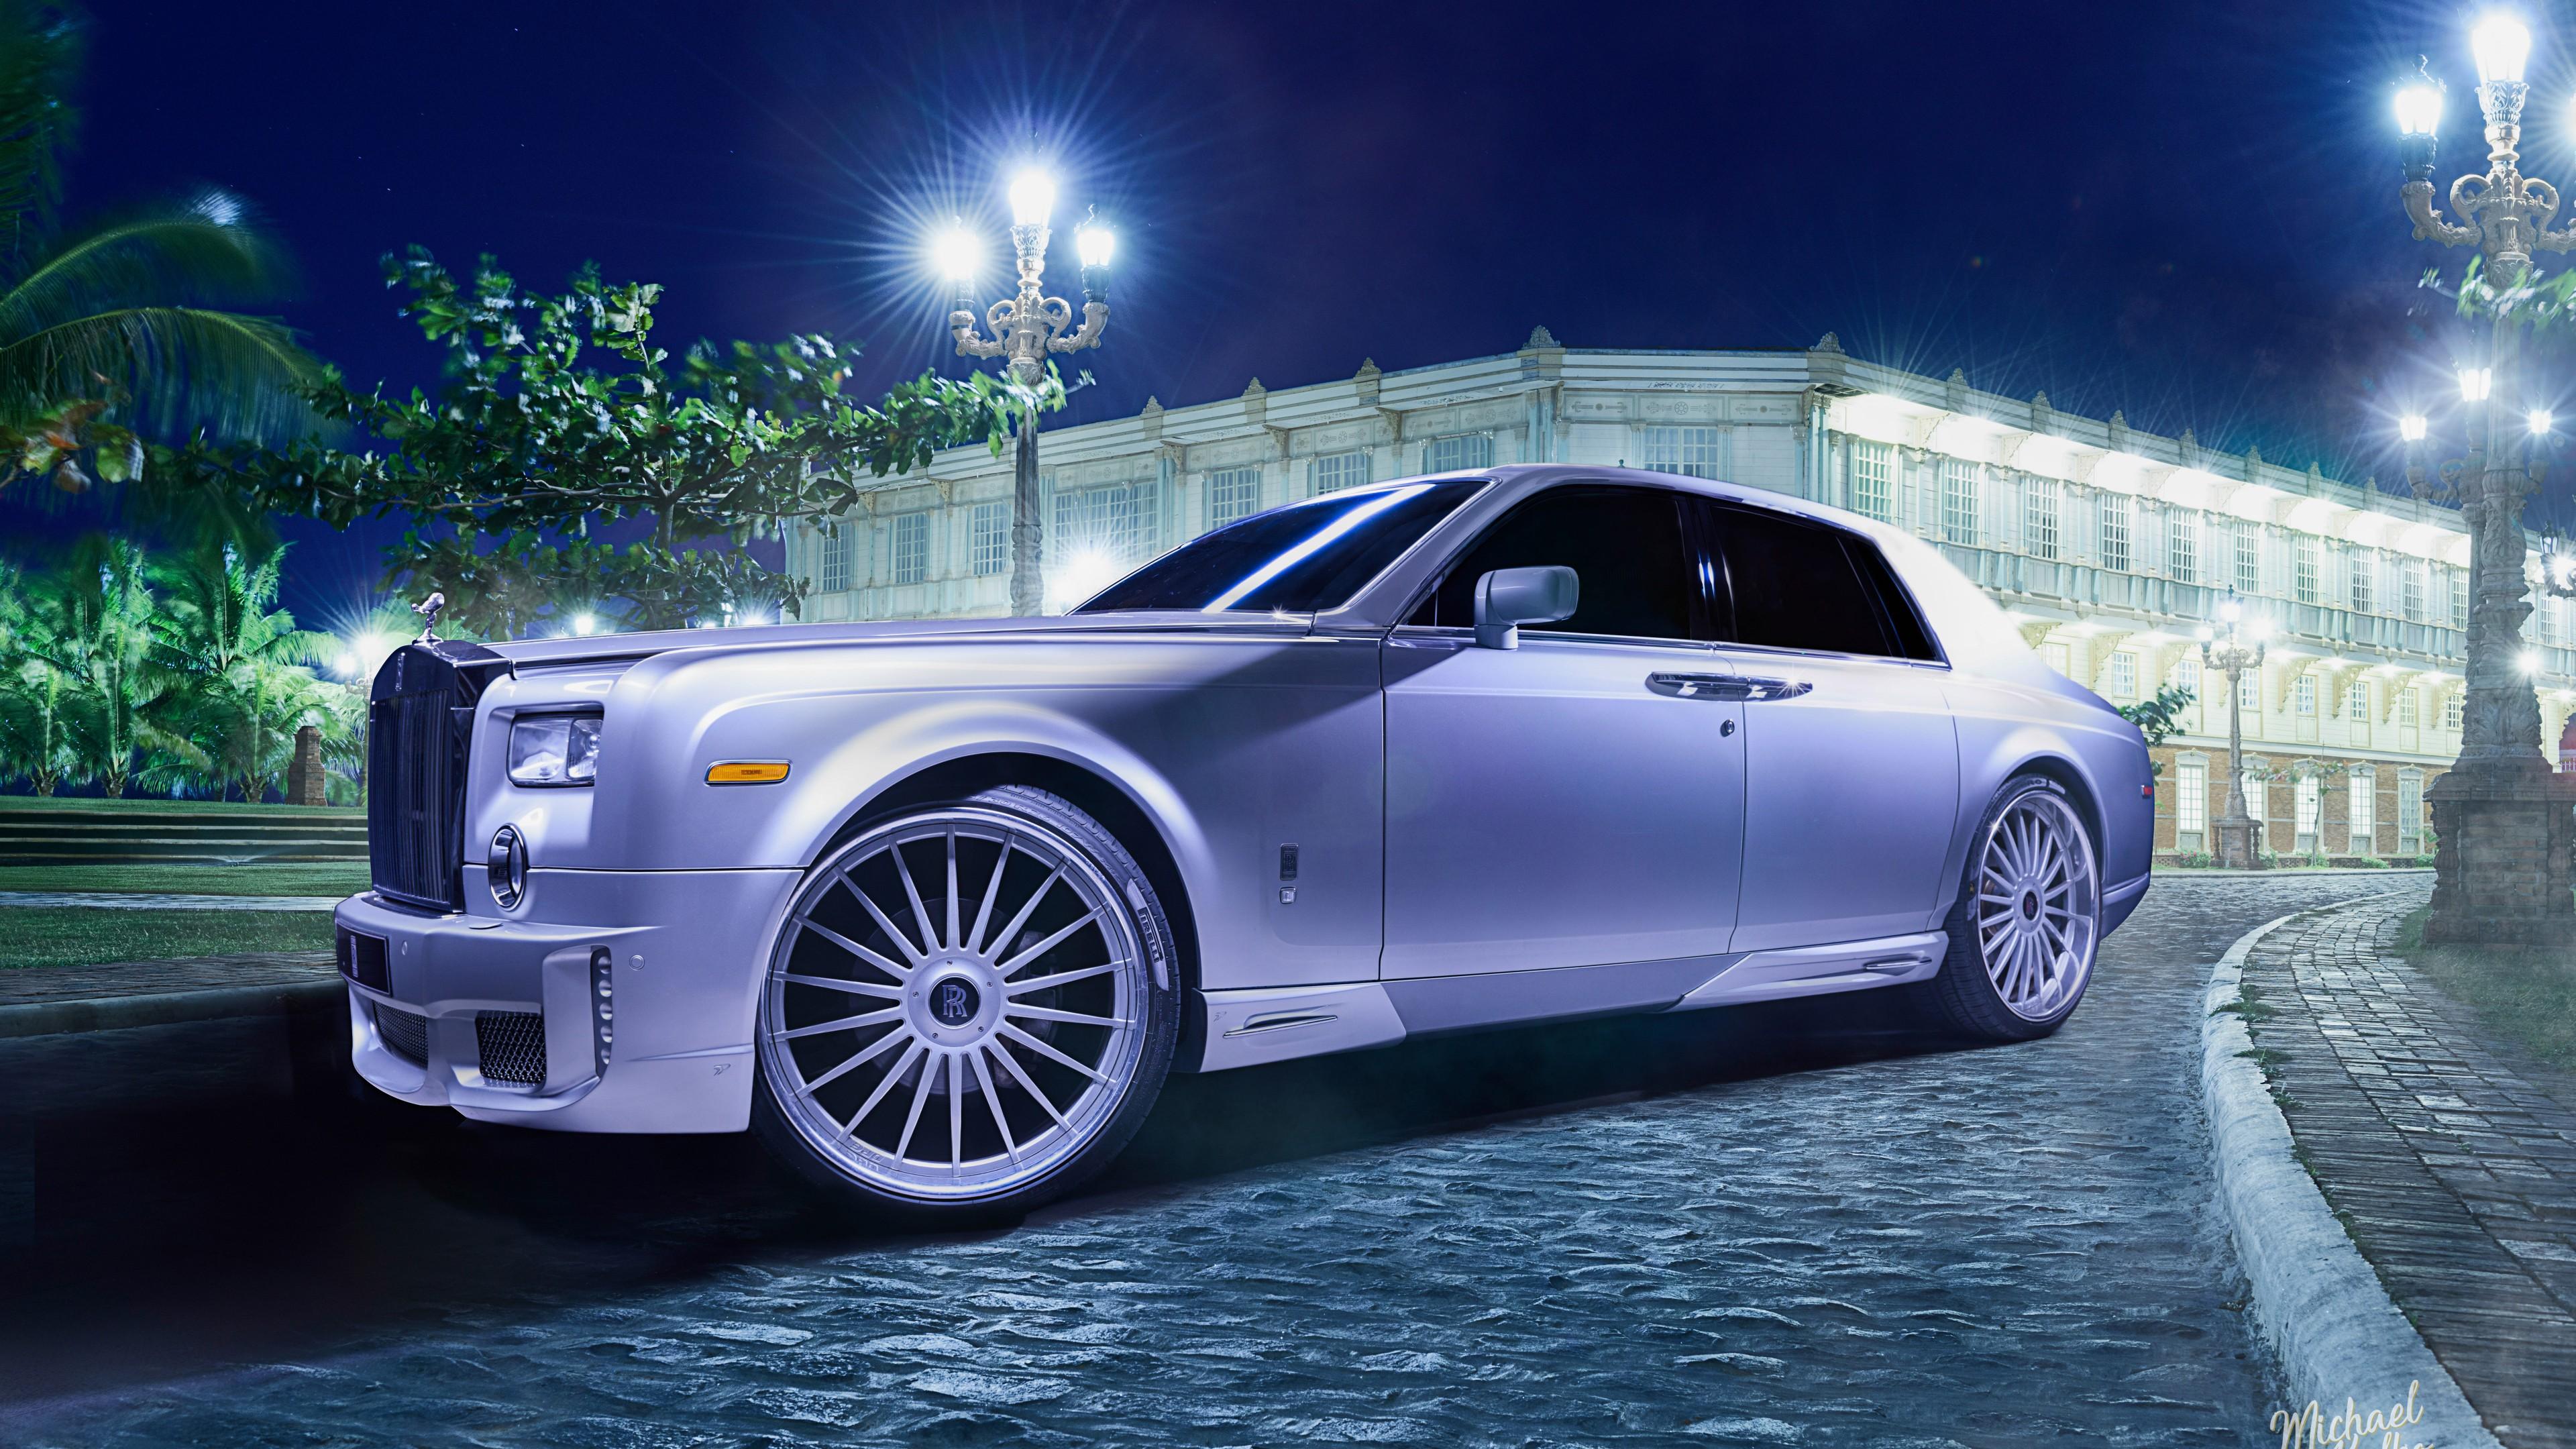 Eight Rolls Of Four Free Fire Wallpaper: Rolls-Royce Ghost 4K 8K Wallpaper